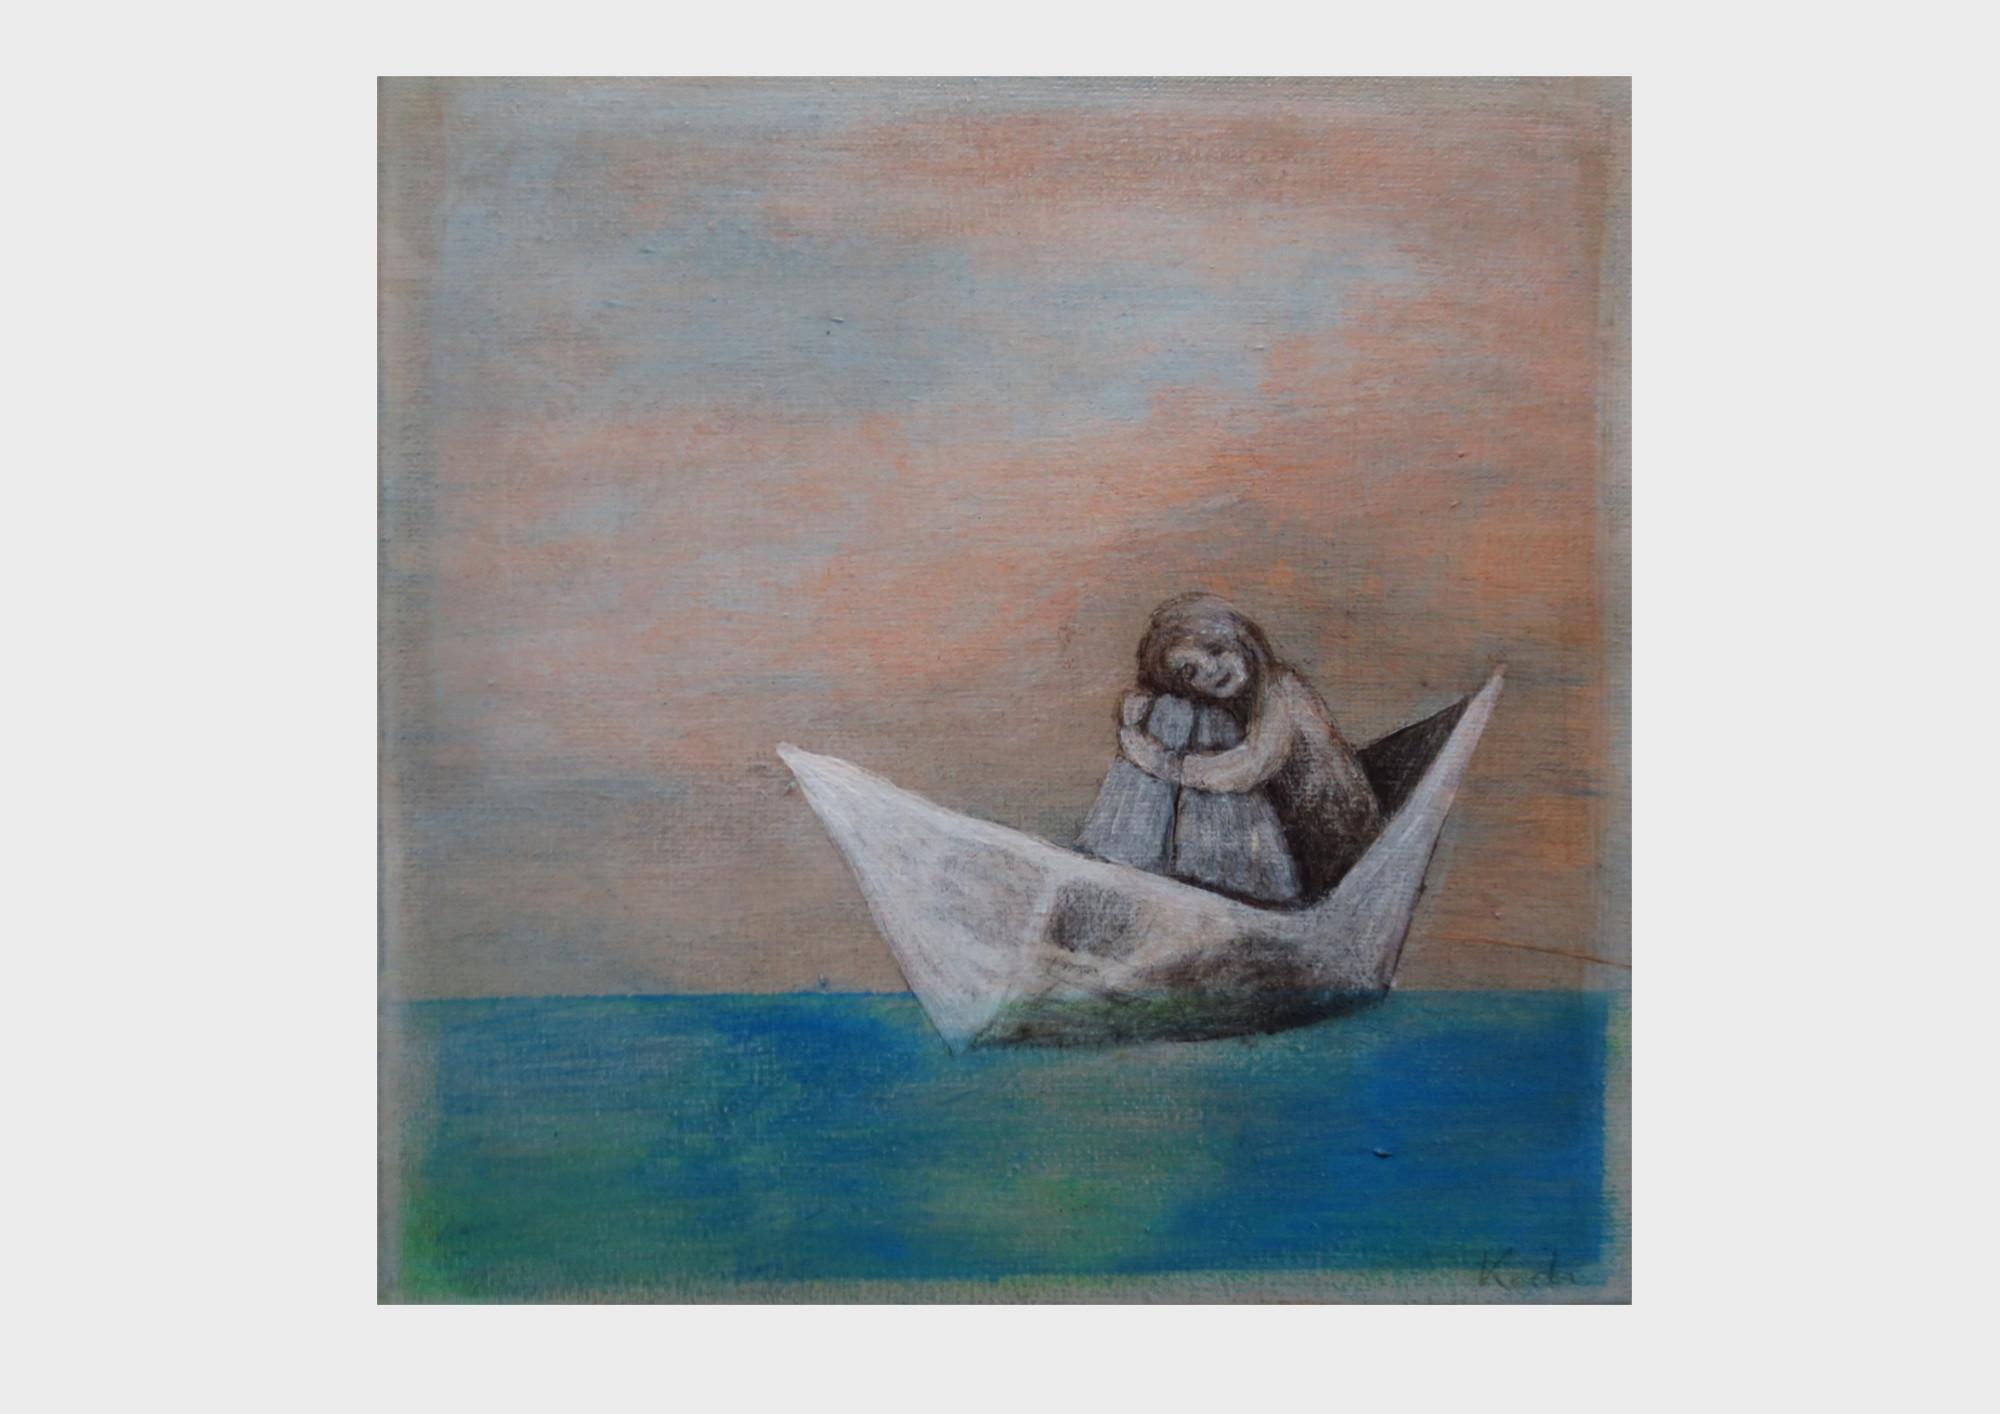 Reise im Papierschiff: Ein kleines Mädchen sitzt in ihrem Boot aus Papier, sie treibt über das türkise und Ozean blaue Meer, vor einem Himmel in orange Tönen.